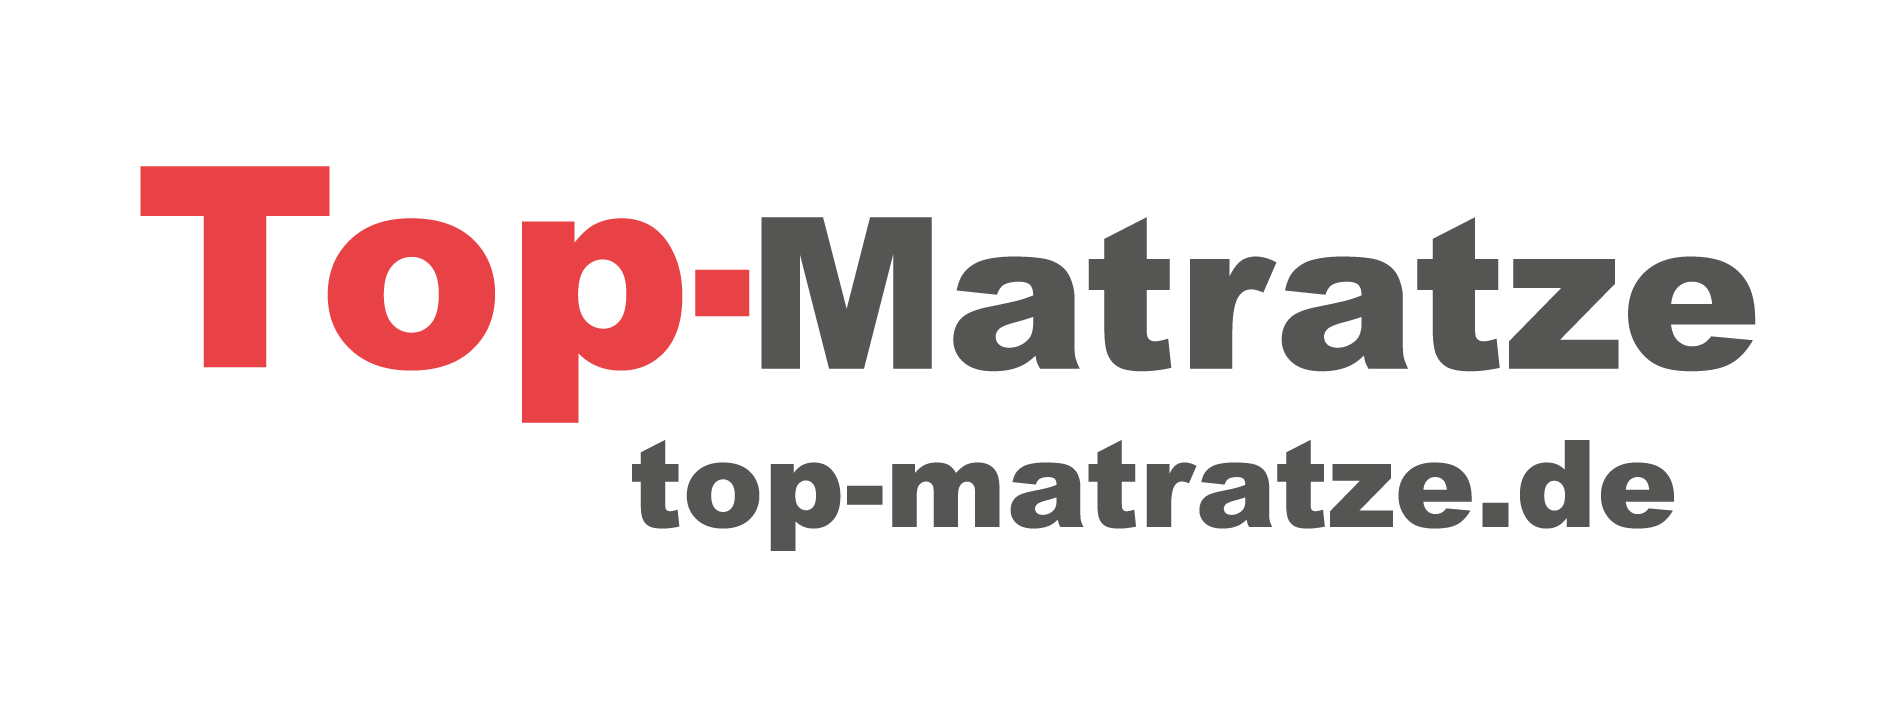 Top-Matratze.de